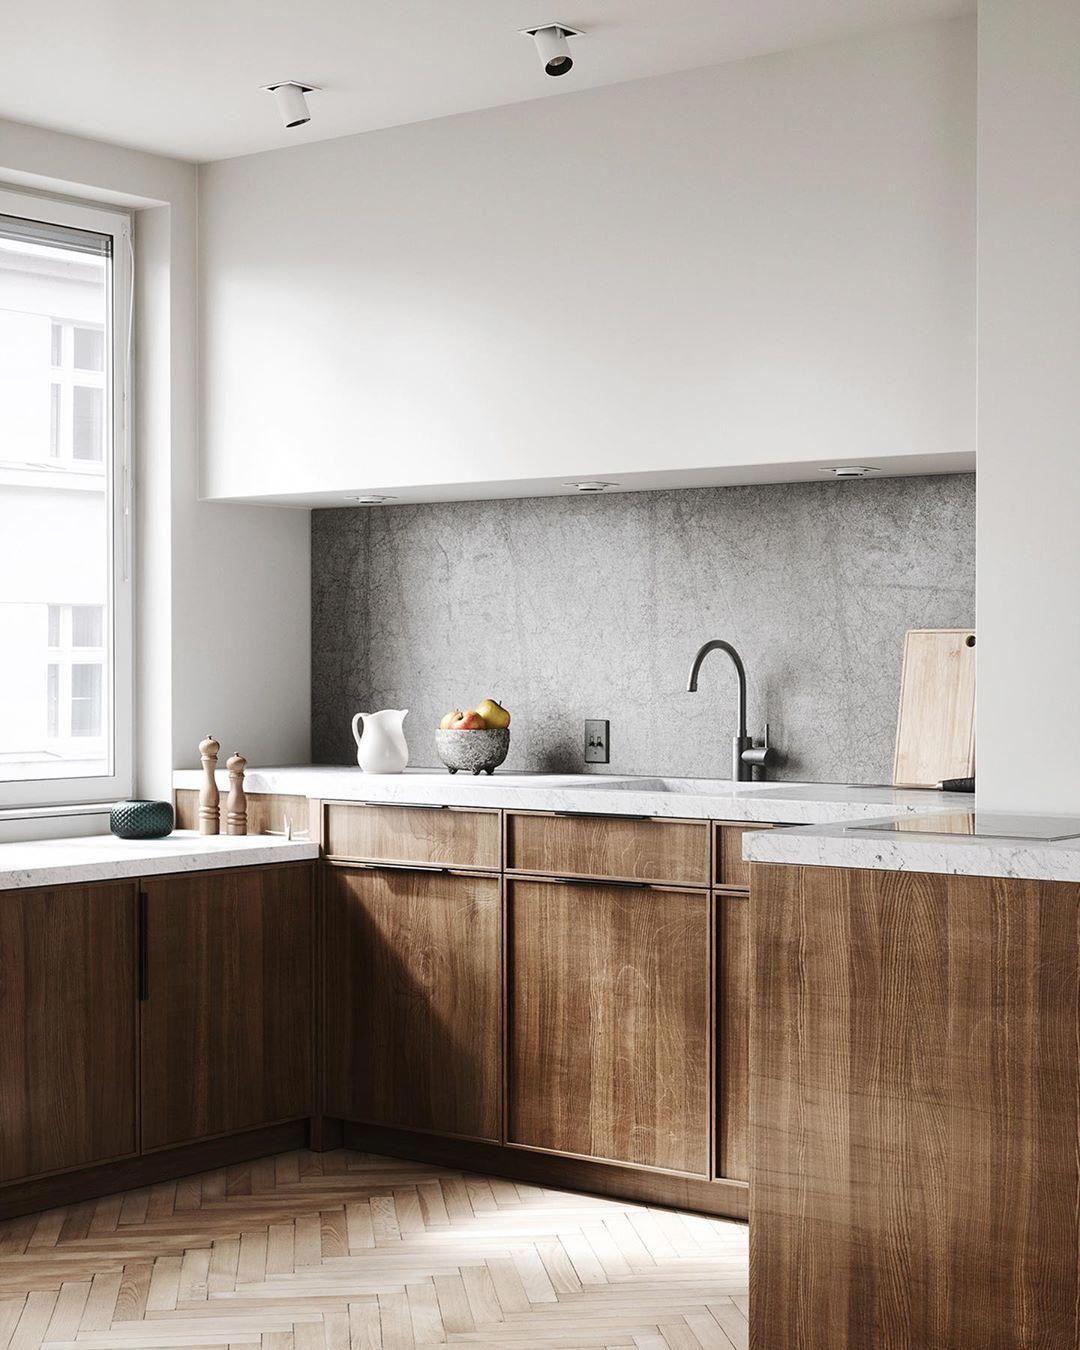 A Great Keep Reading Even More Regarding Kitchen Frames Decor In 2020 Kitchen Design Kitchen Interior Outdoor Kitchen Design